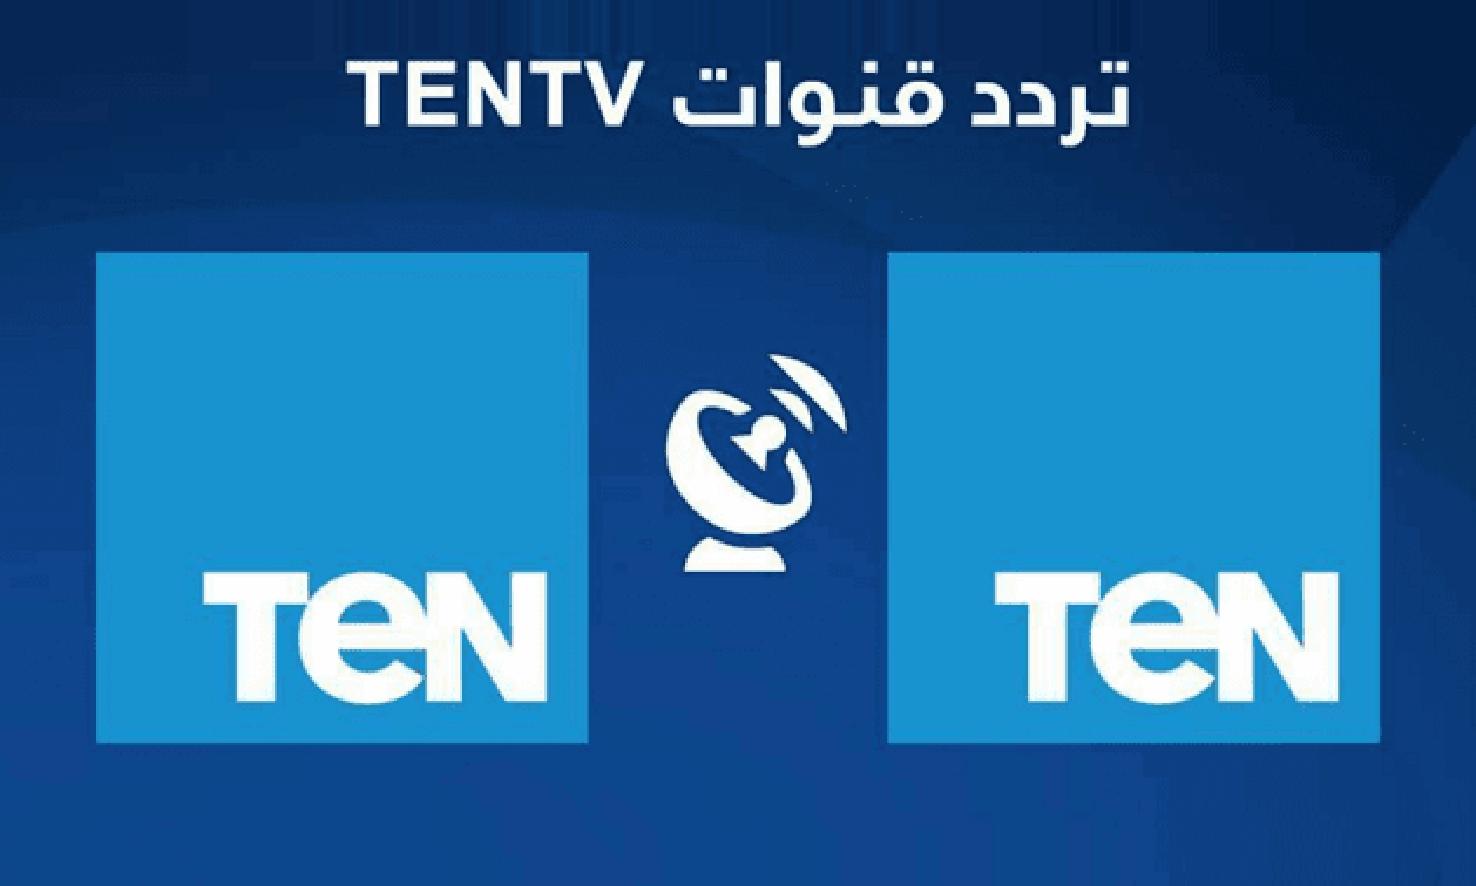 تردد قناة تن Ten و Ten2 الجديد 2019 على نايل سات و أهم